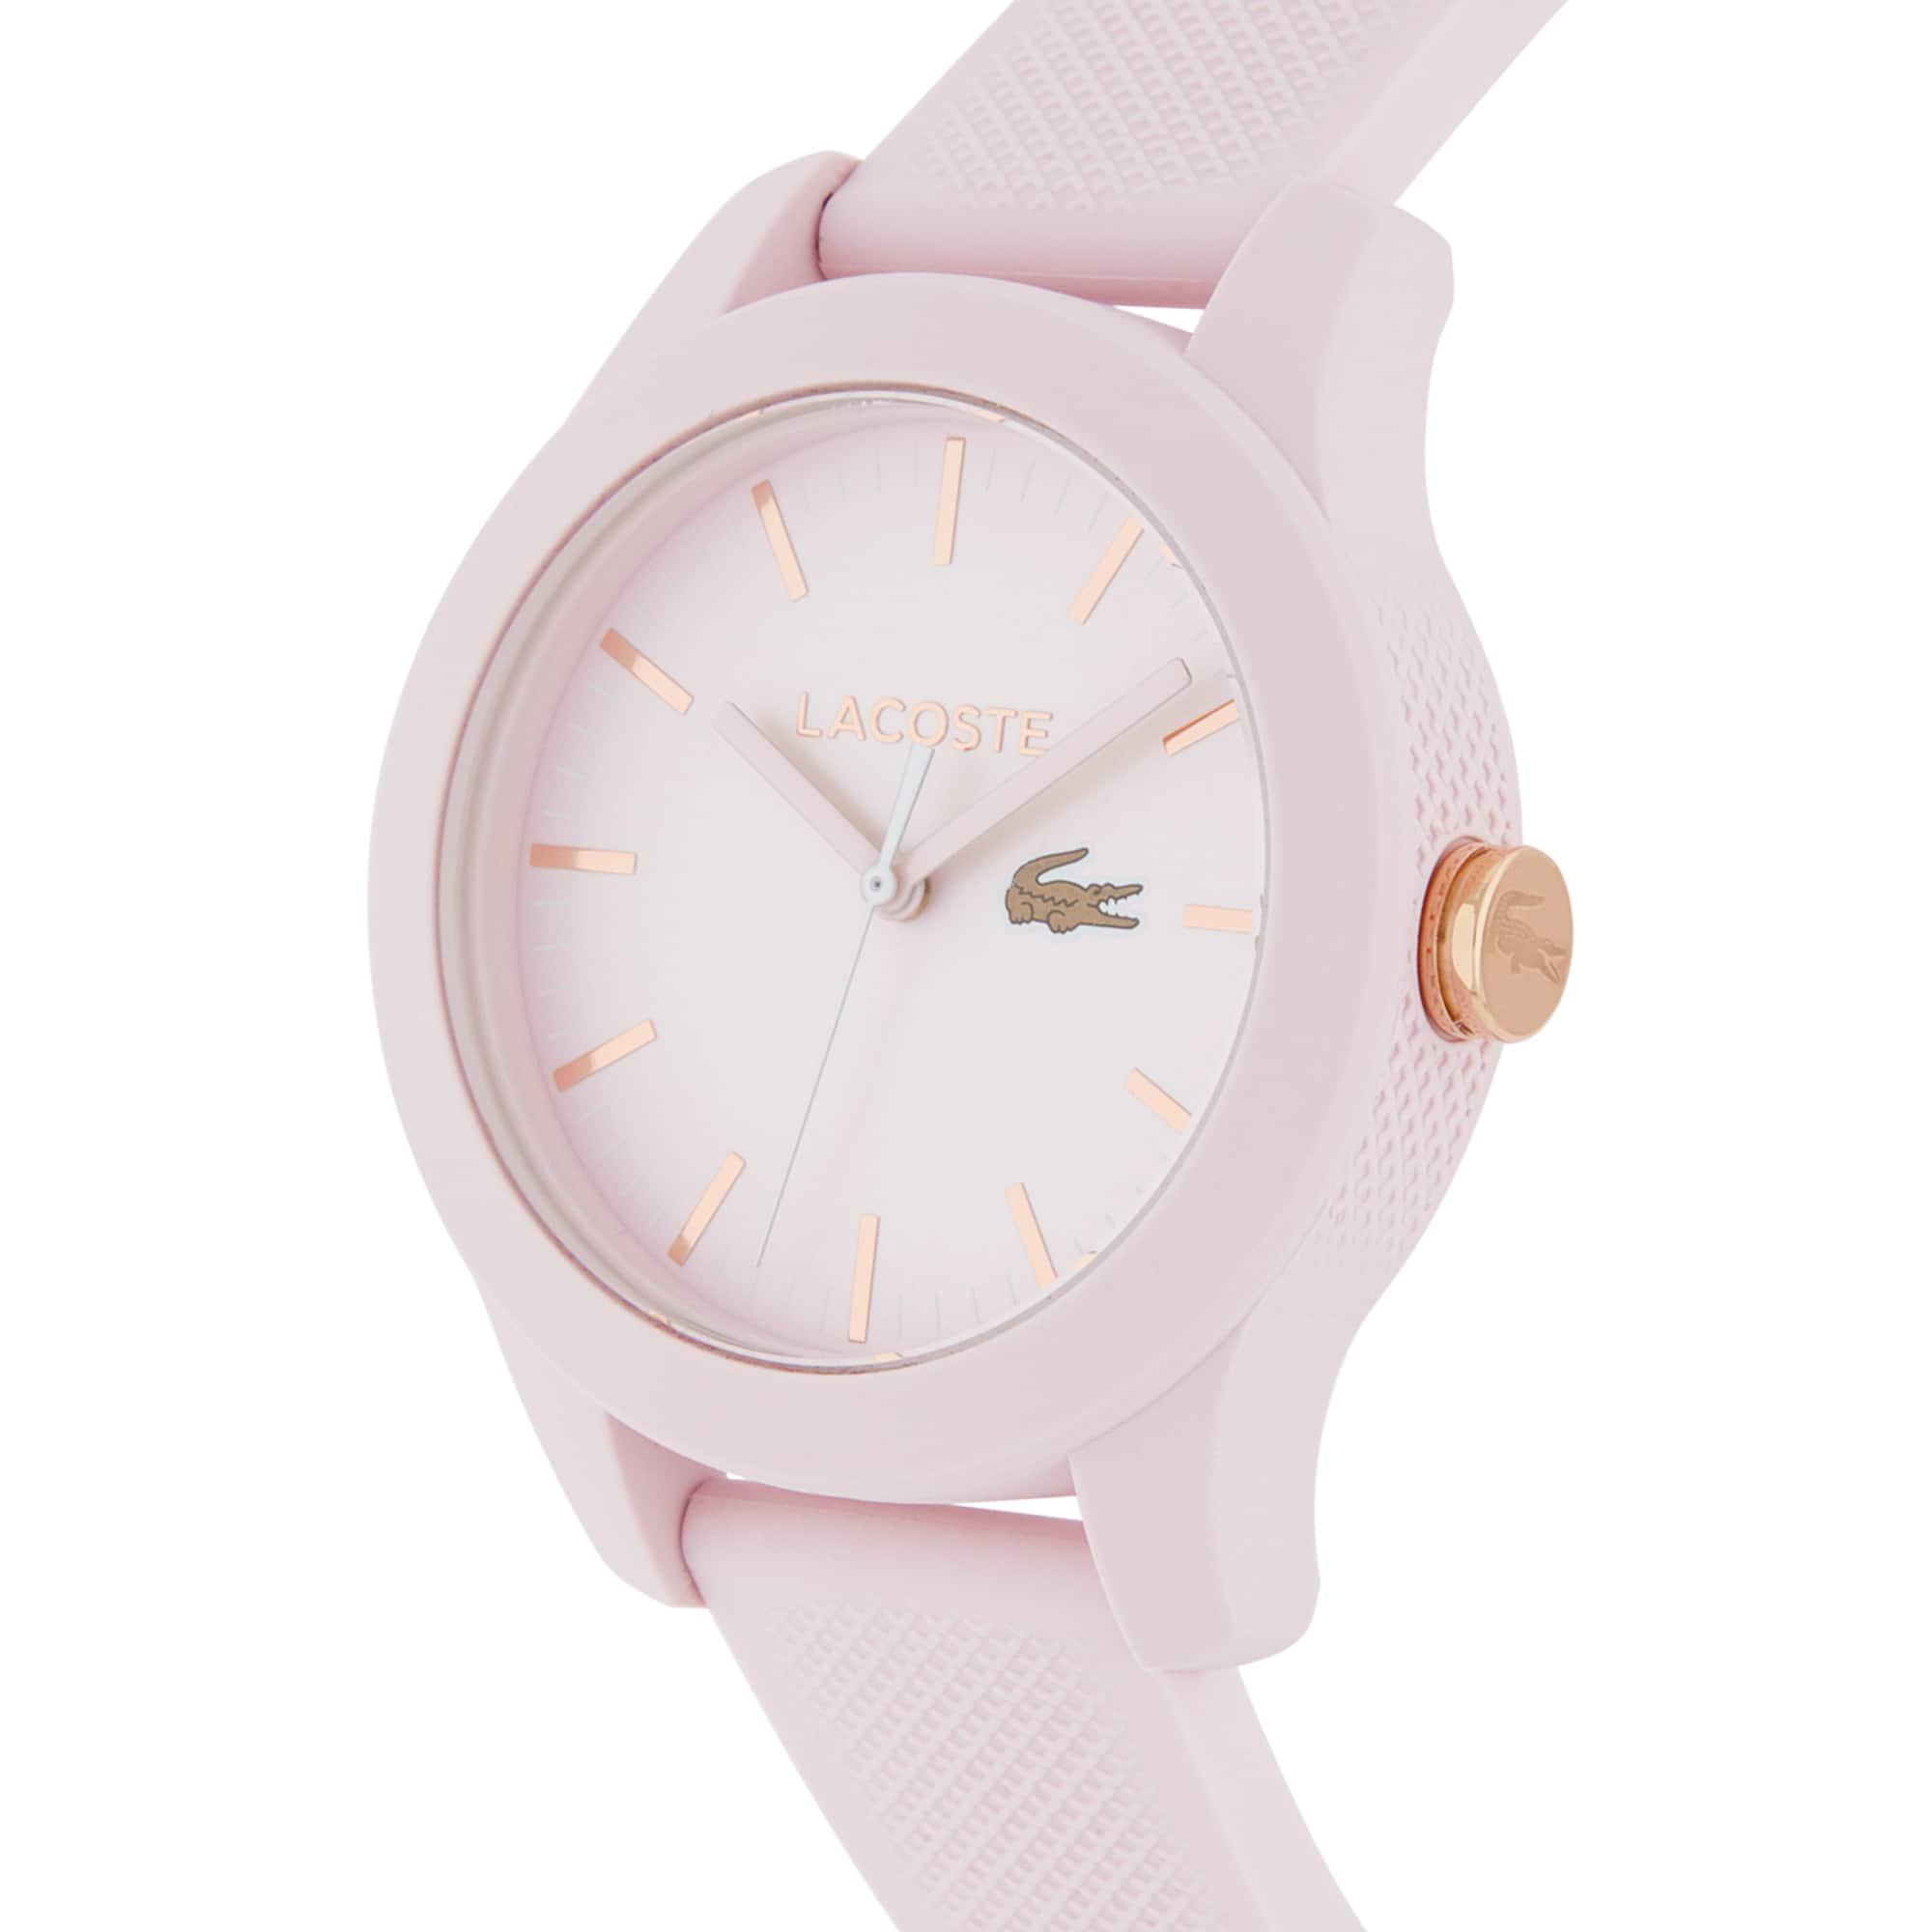 Relógio Lacoste 12.12 de mulher com bracelete de silicone rosa